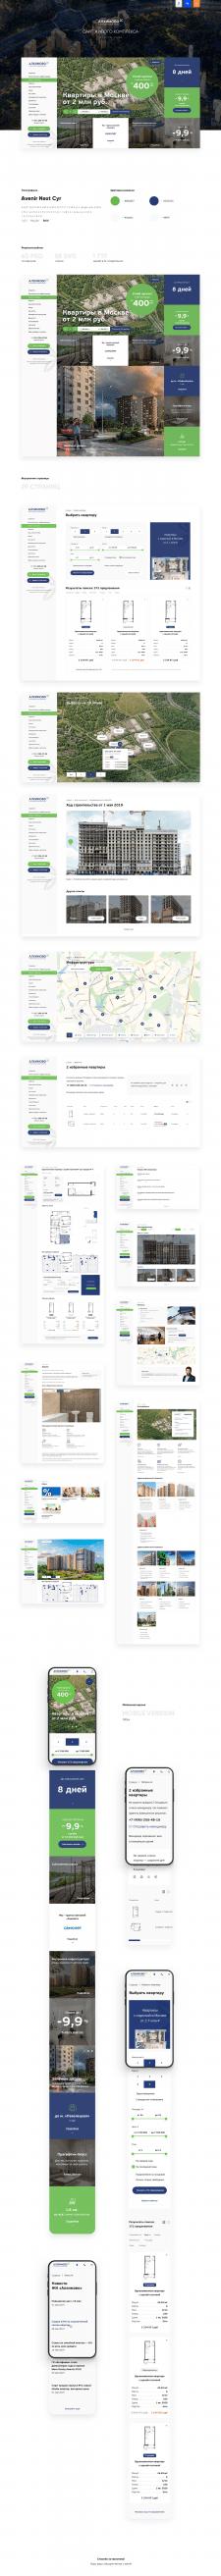 Дизайн многостраничного сайта - Алхимоово